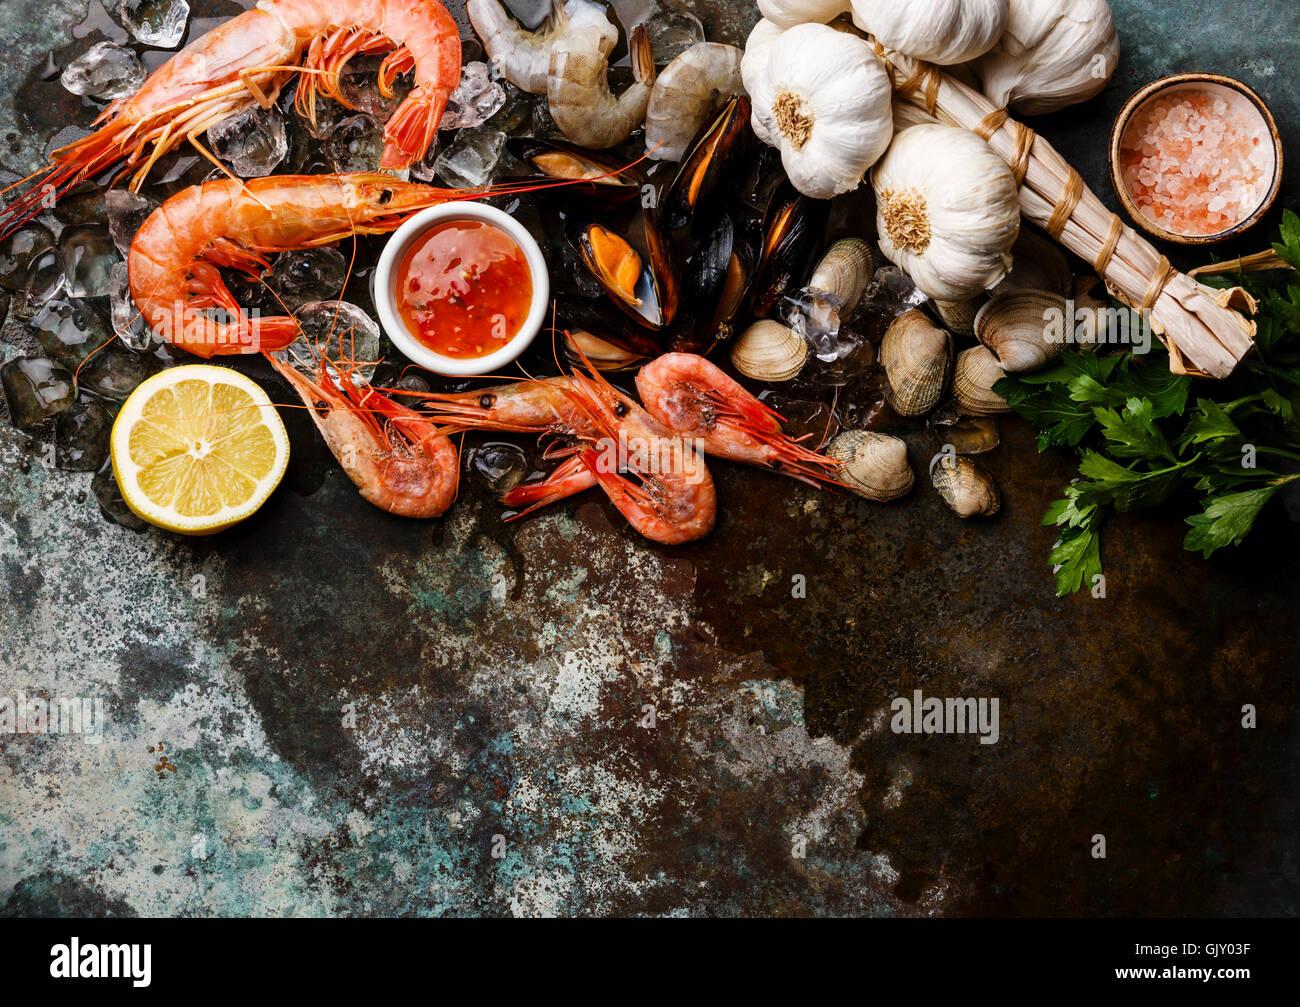 Fondo con espacio de copia de marisco fresca cruda vongole, mejillones, almejas, camarones, langostinos y los ingredientes Imagen De Stock